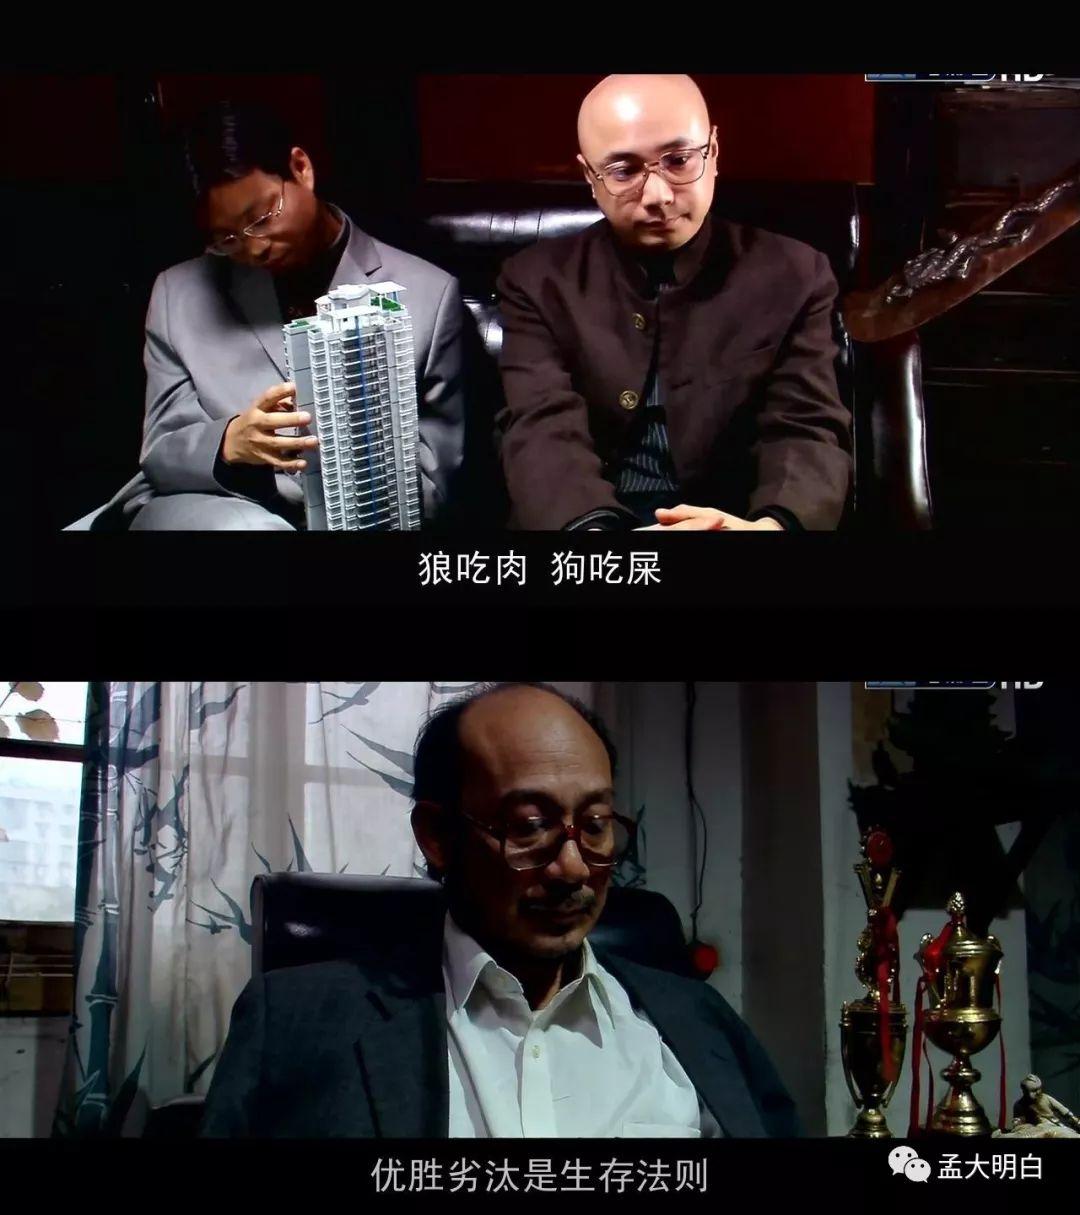 十年前对徐峥宁浩的采访,现在看来依然有意义